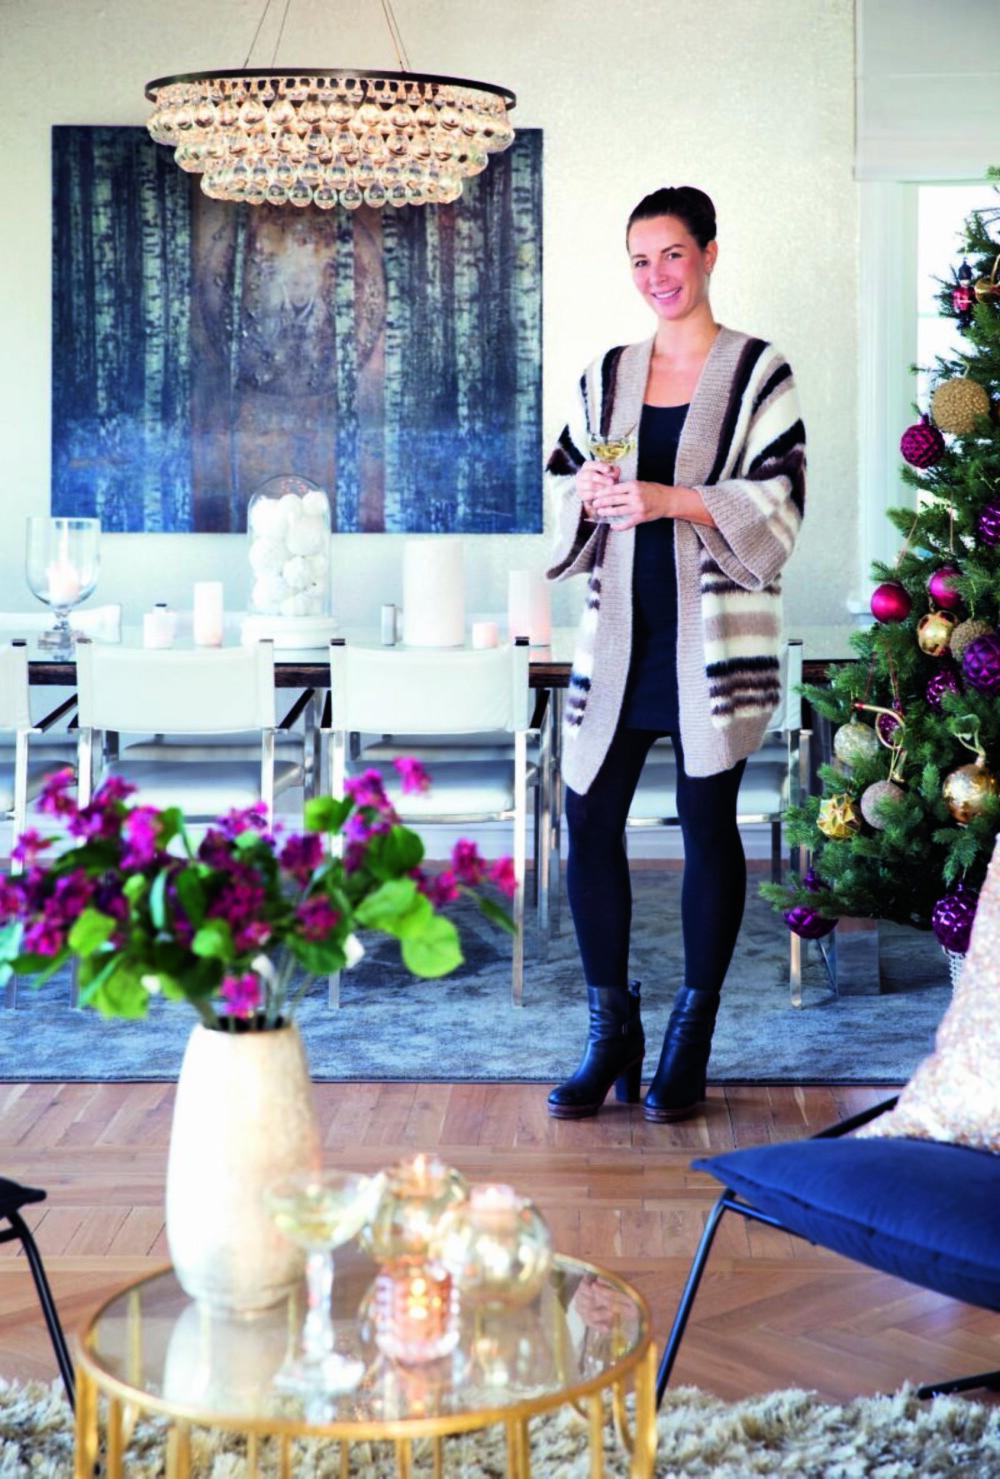 I boligen på Nordstrand hersker det en lun og inviterende stemning i julen. Treet er pyntet, lysene er tent og familien samles rundt et pent, dekket bord. Spisebordet i bakgrunnen har Thea hentet fra Spania. Det er fra Moha Design og er laget av gamle togsviller. Bildet er malt av Elisabeth Werp og taklampen Arctic Pear fra Ochre er laget av håndblåste glasskuler. Styling: Tone Kroken.